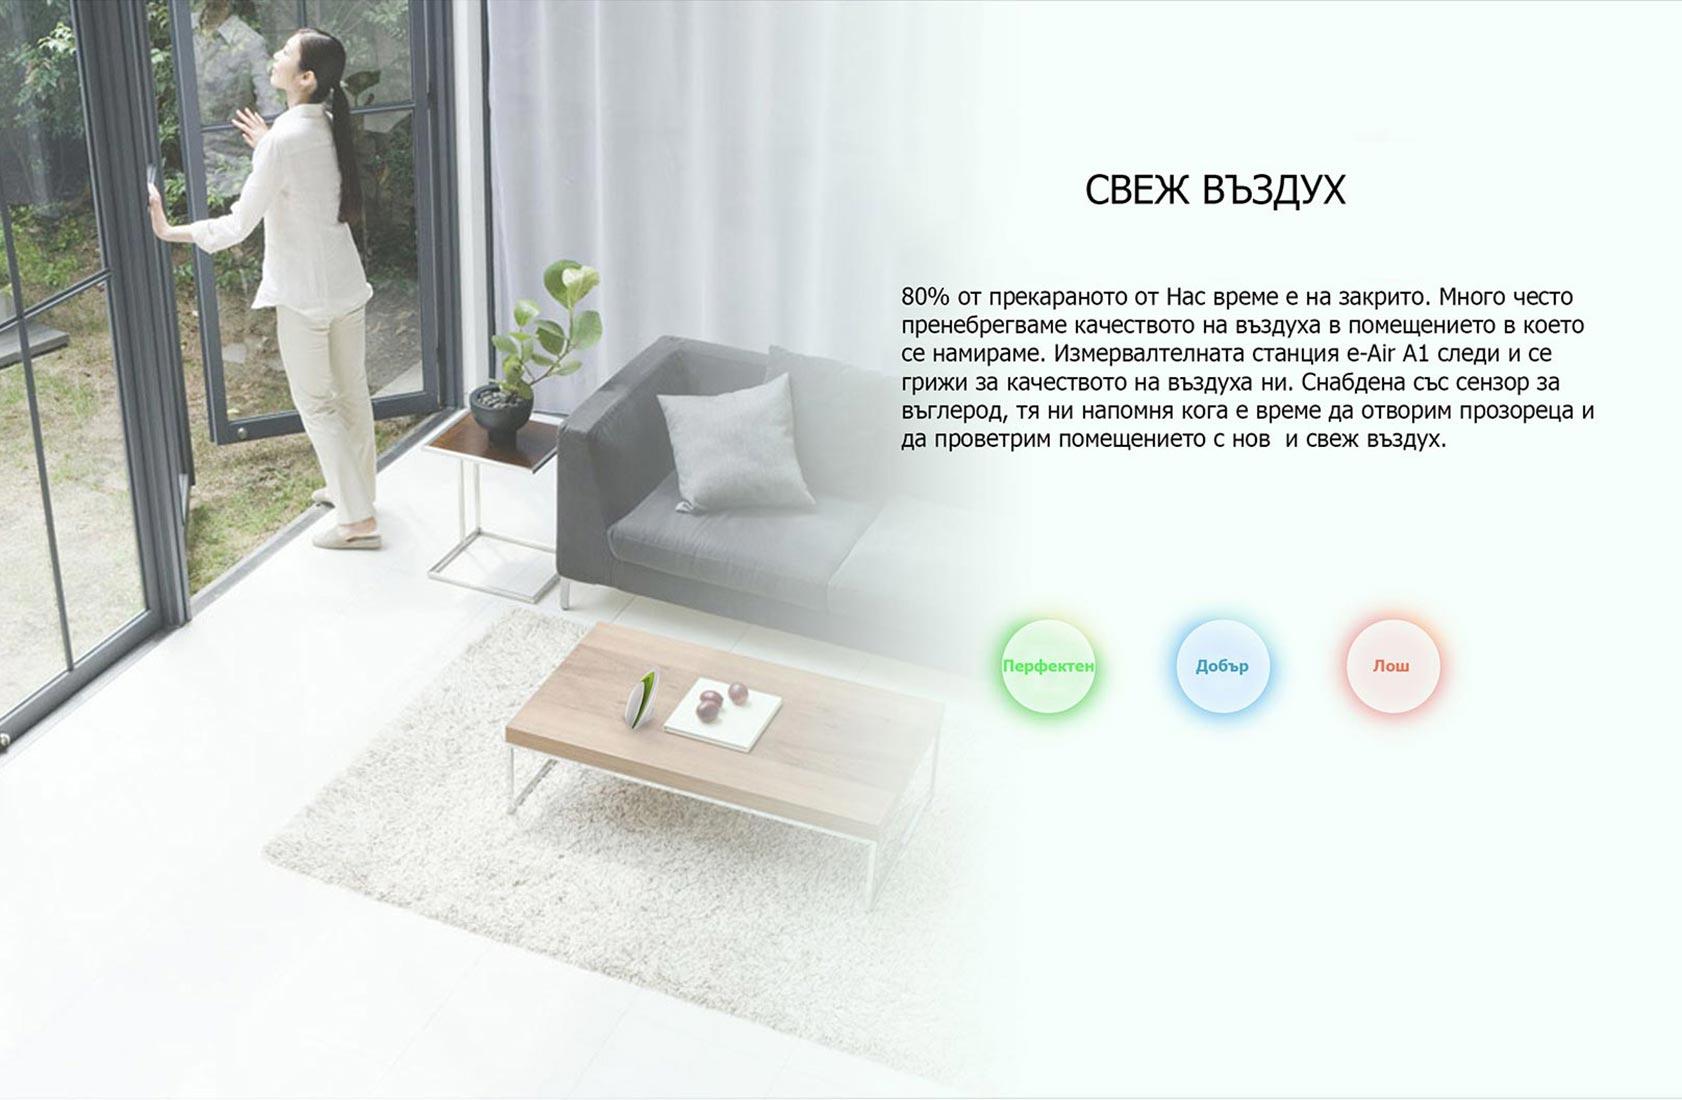 BroadLink e-Air A1 - Свеж Въздух